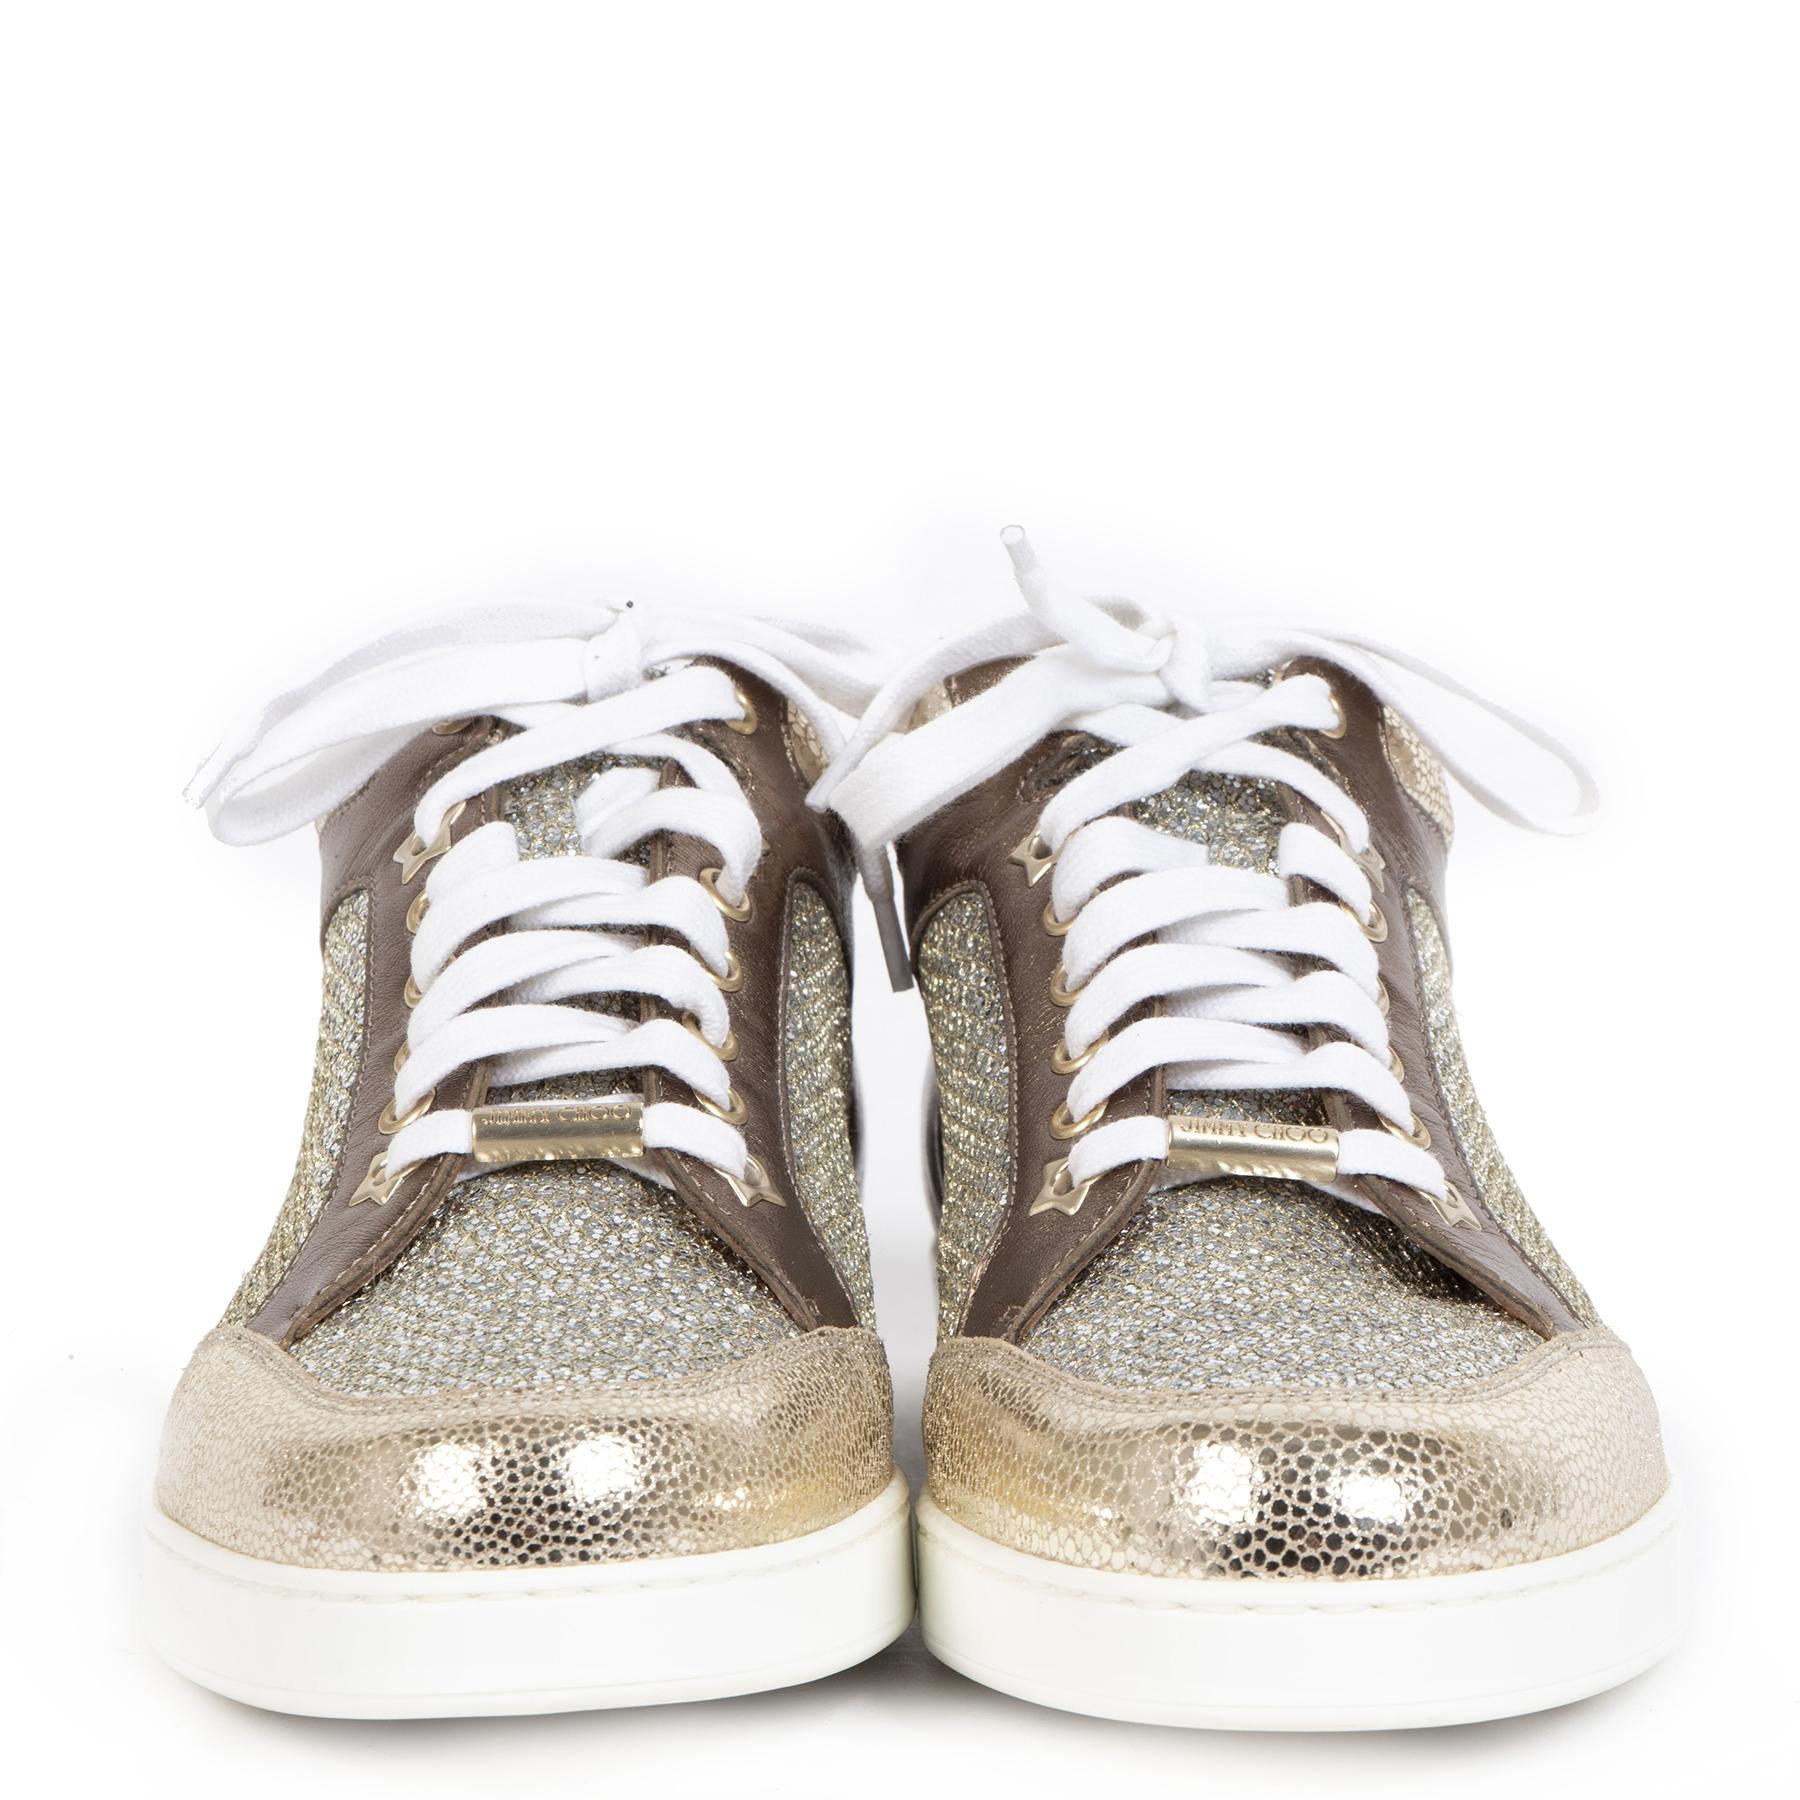 Authentieke tweedehands vintage Jimmy Choo Miami Bronze Champagne Sneakers koop online webshop LabelLOV